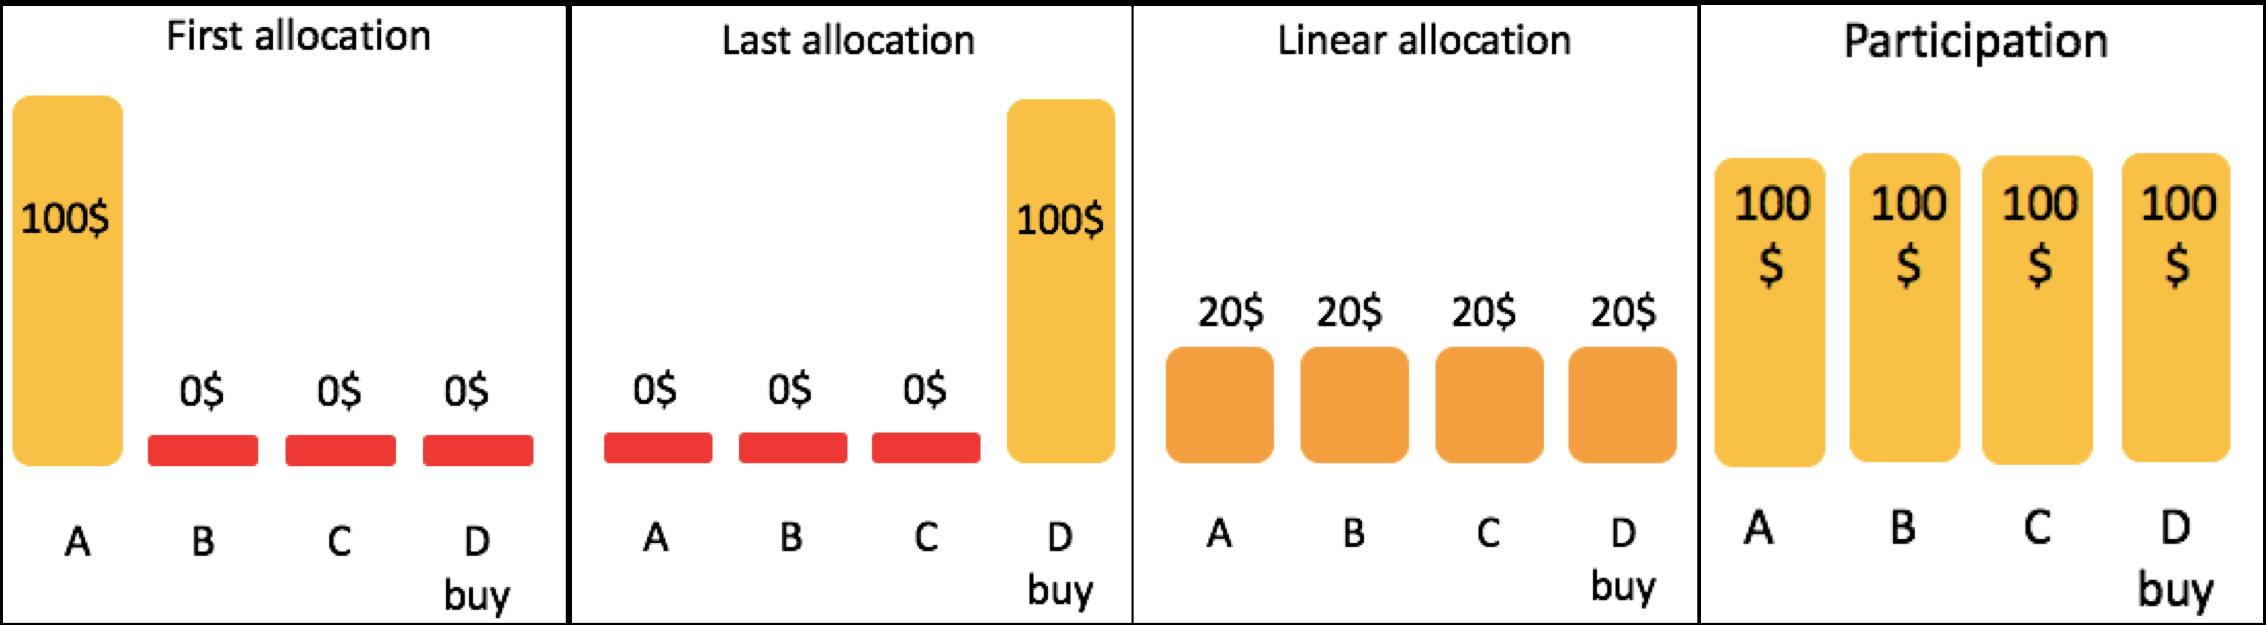 allocation-model